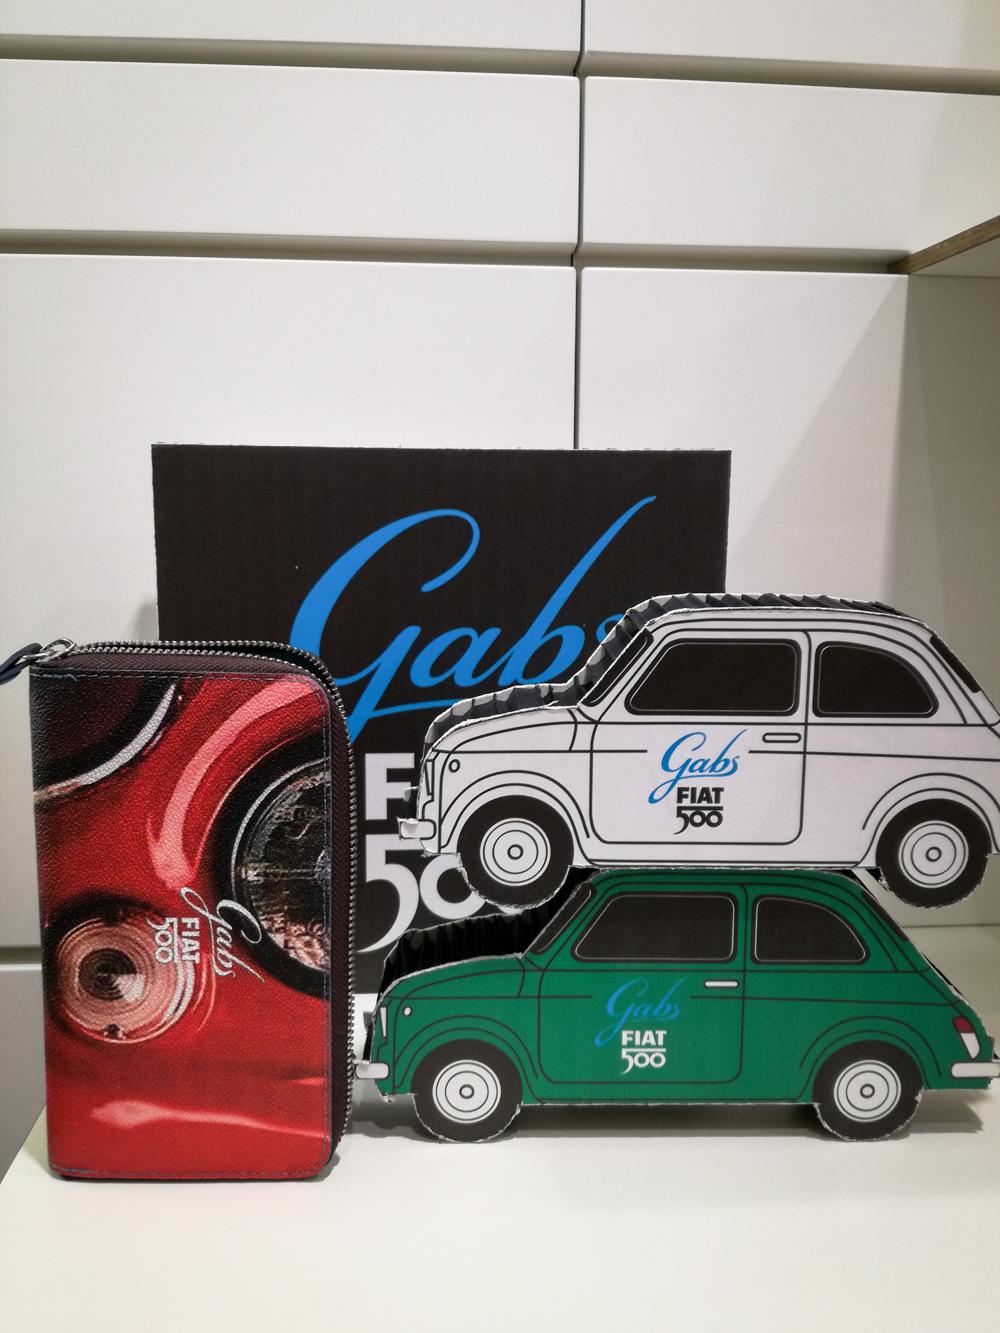 3d74ffe651 PORTAFOGLIO 17 FIAT 500 FANALI GABS - Portafogli donna - Zanetta ...